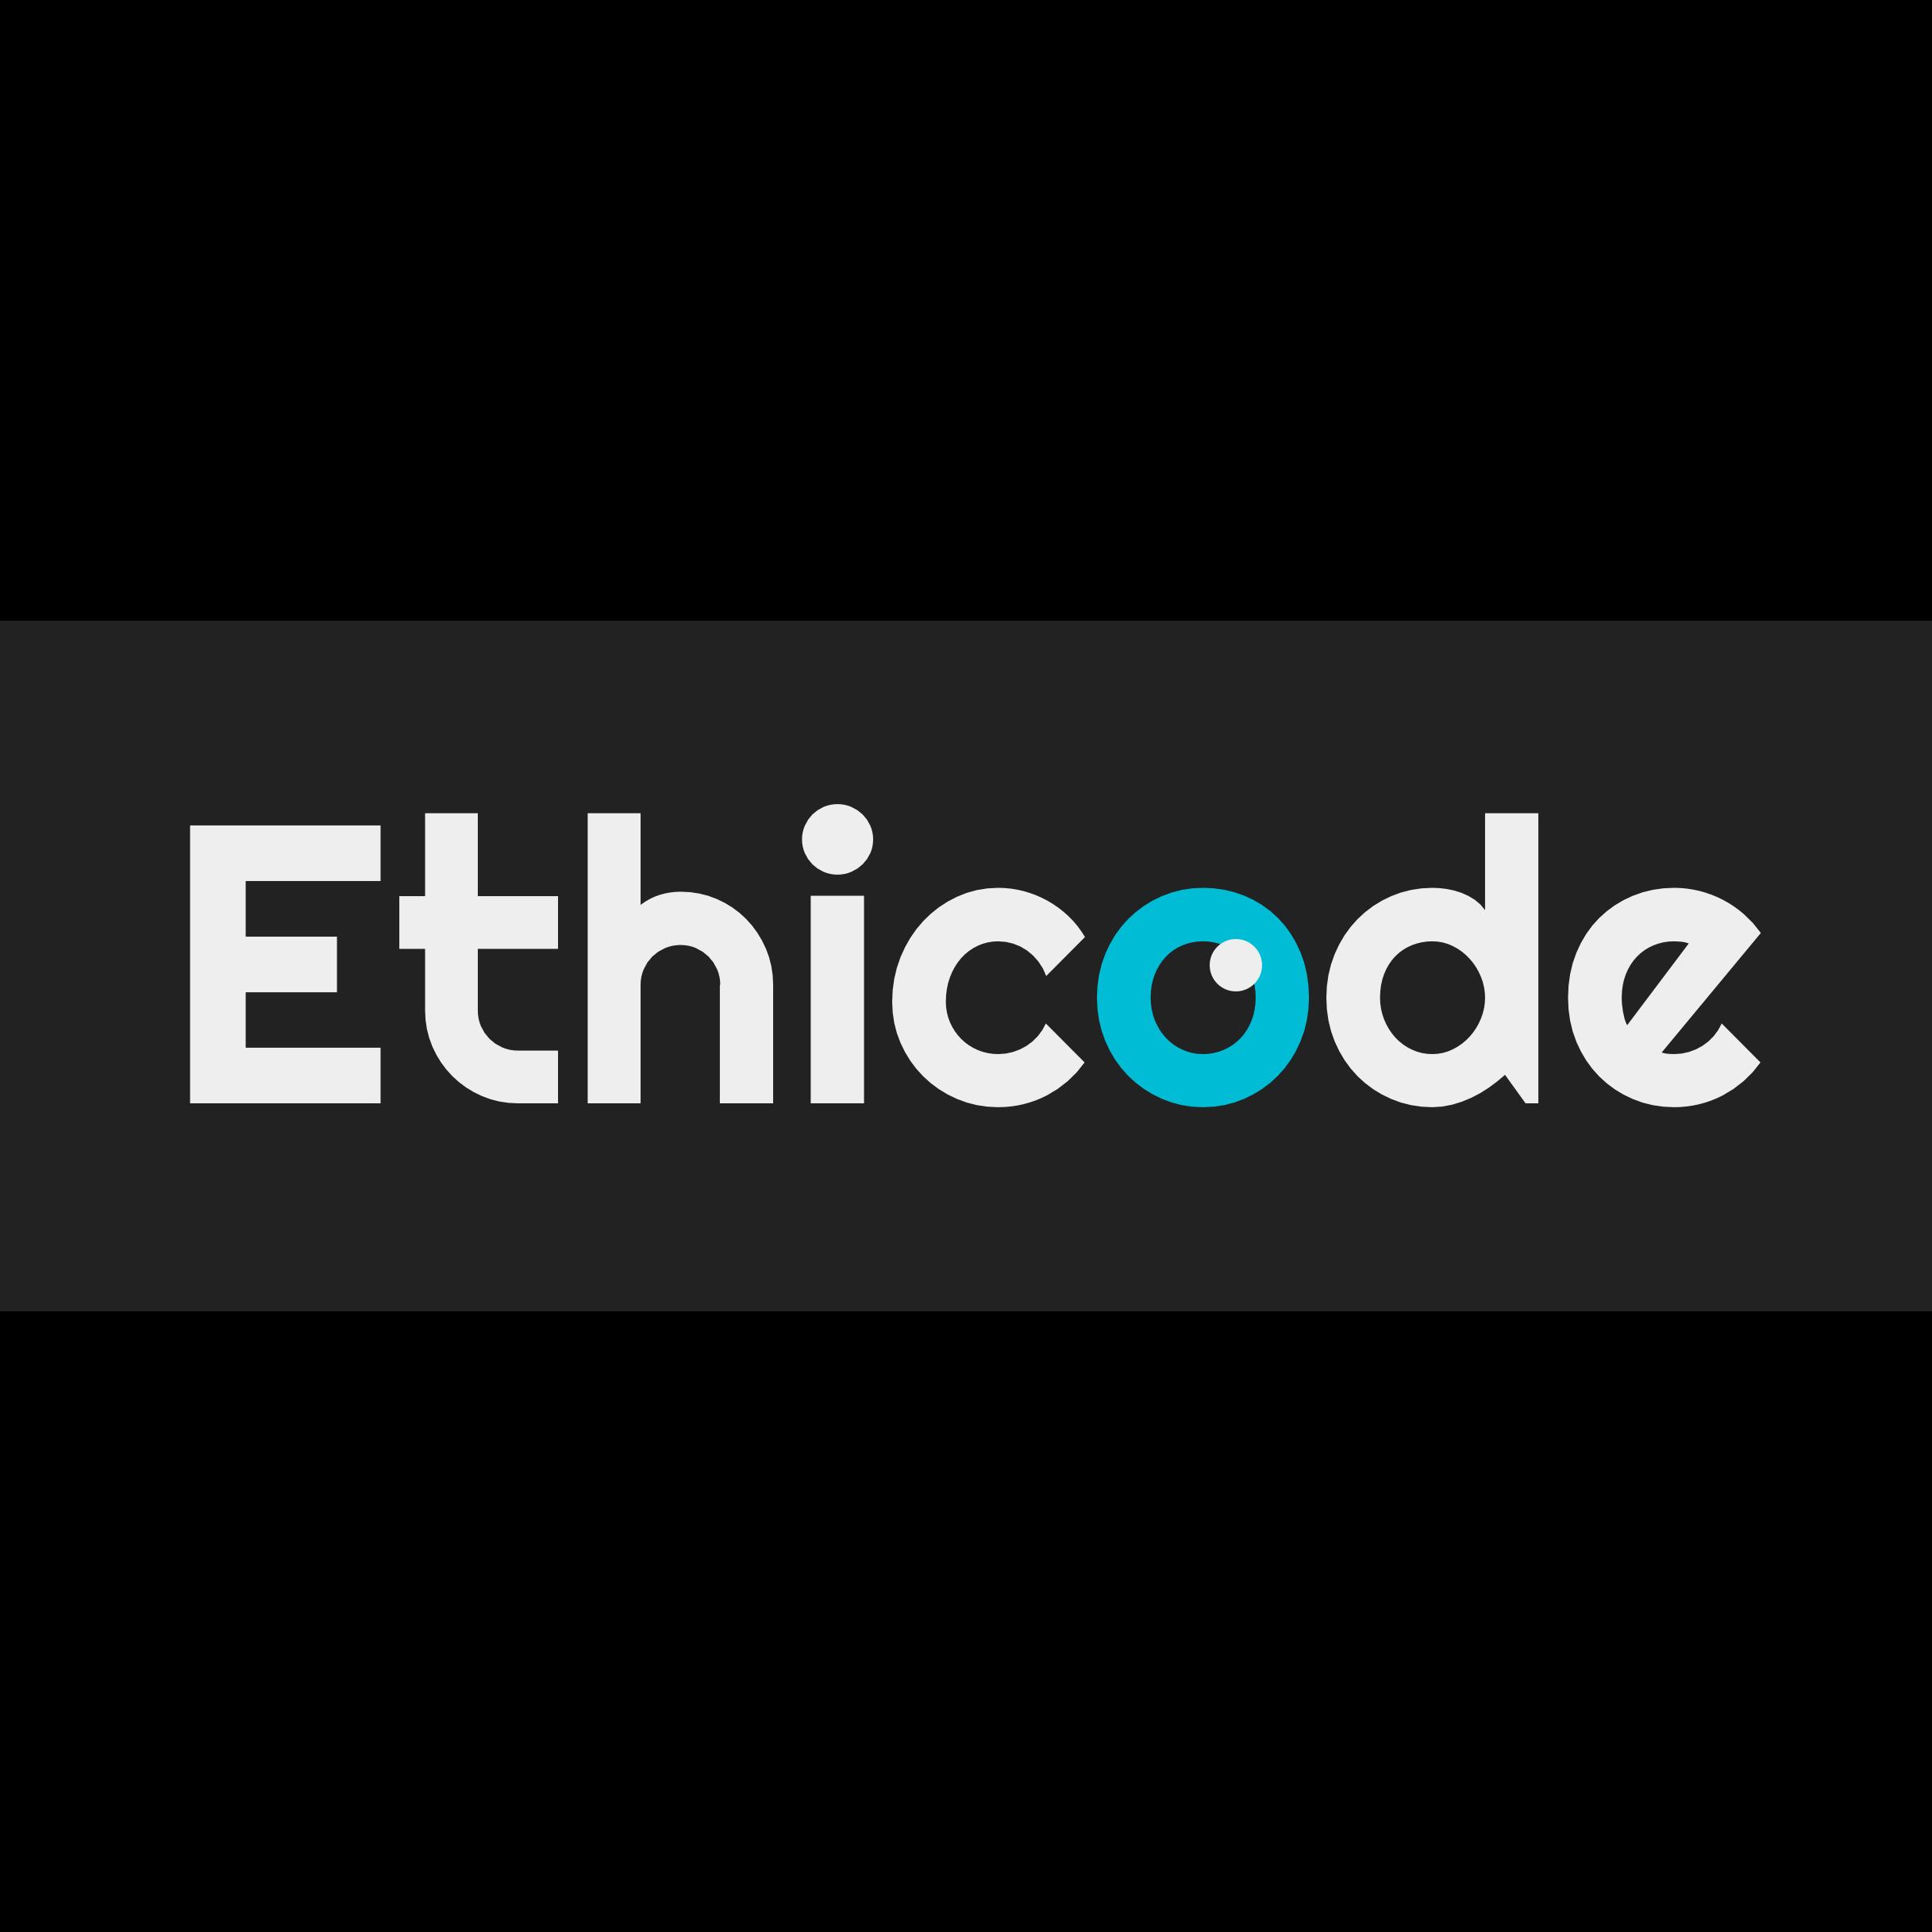 Ethicode